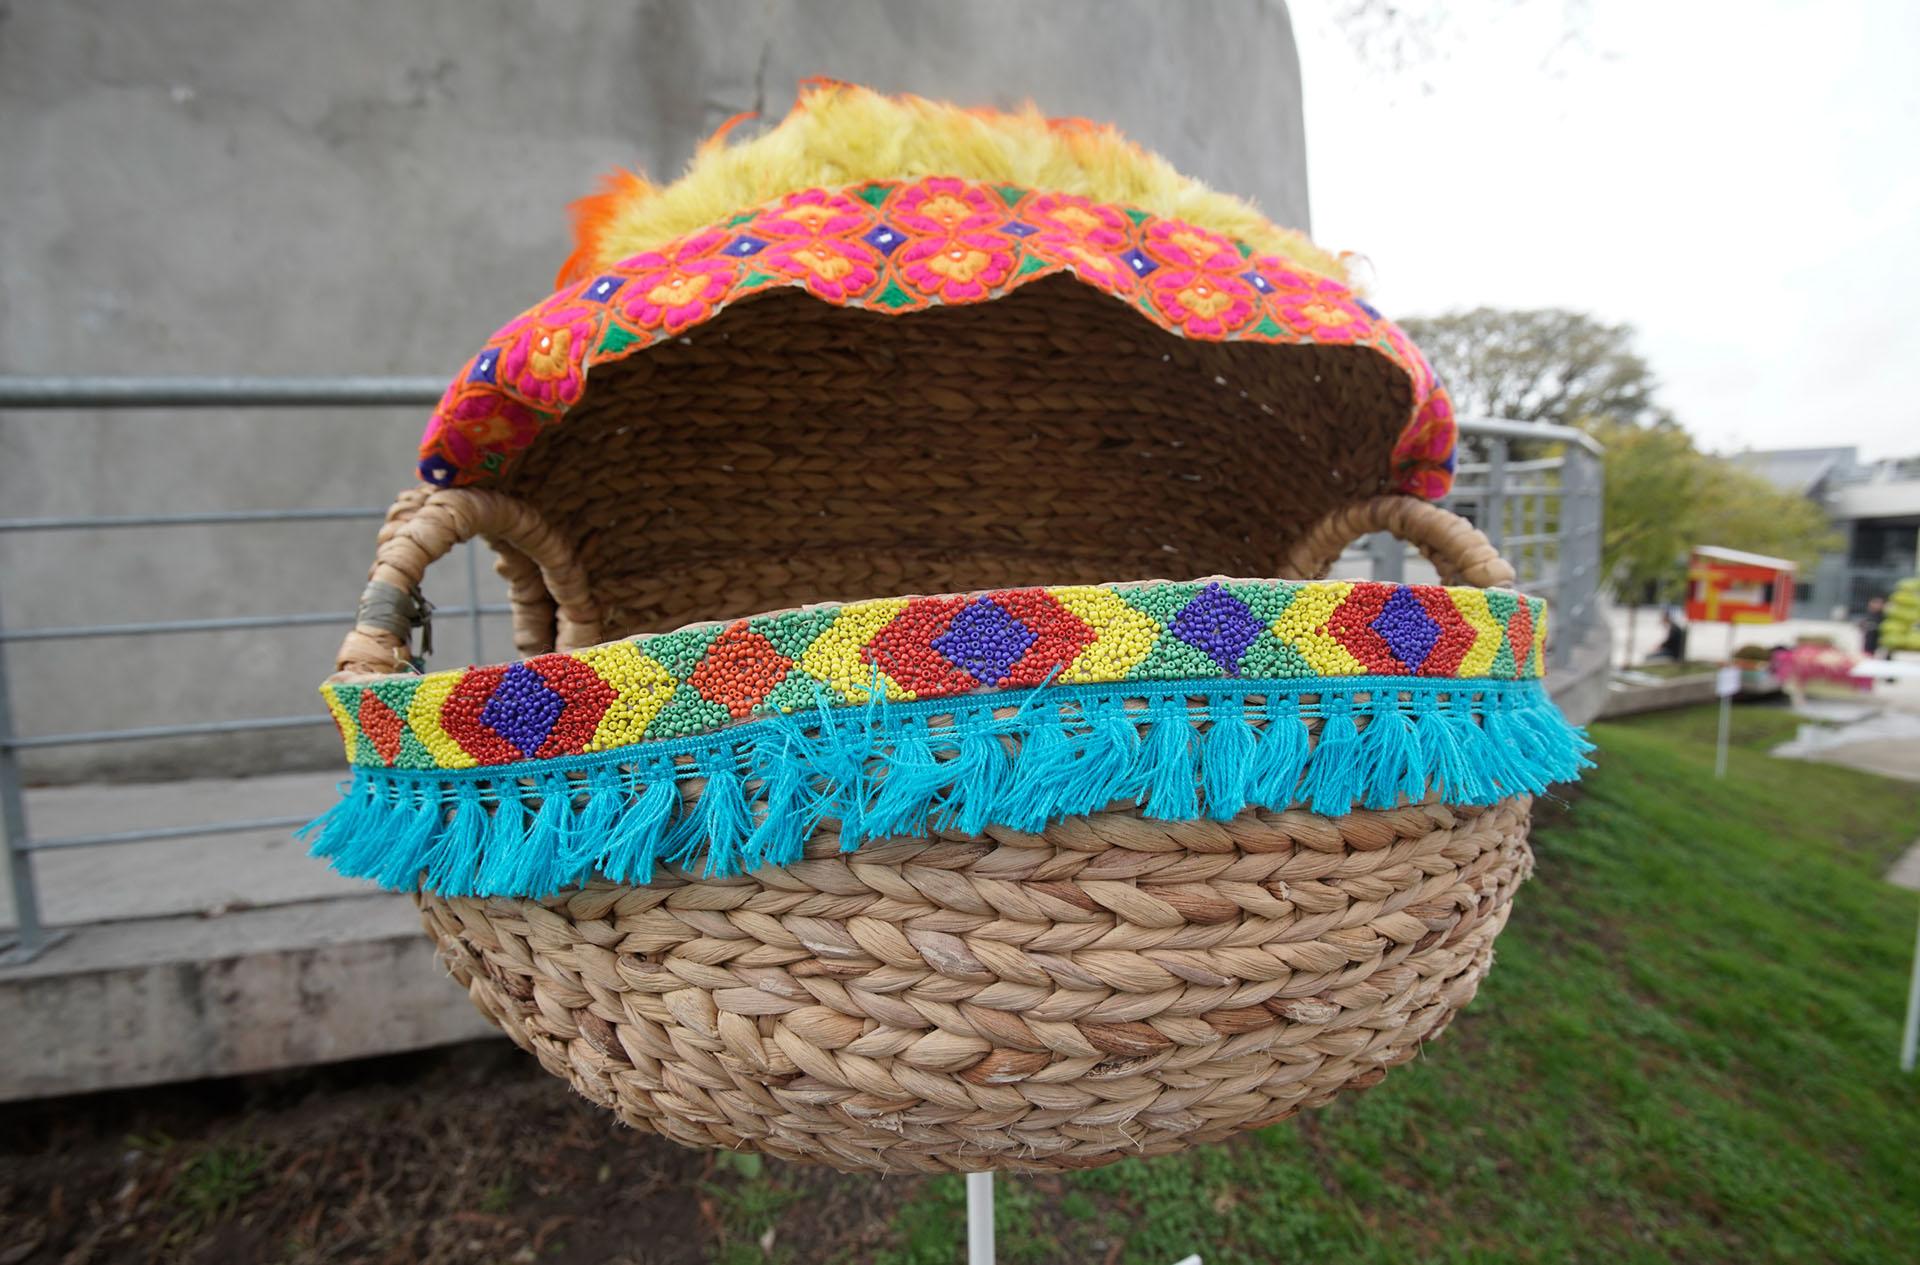 By Benito Fernández: a puro fleco y color, con bordados y tejidos a mano, una canasta de mimbre como una cucha chic para un perro súper trendy